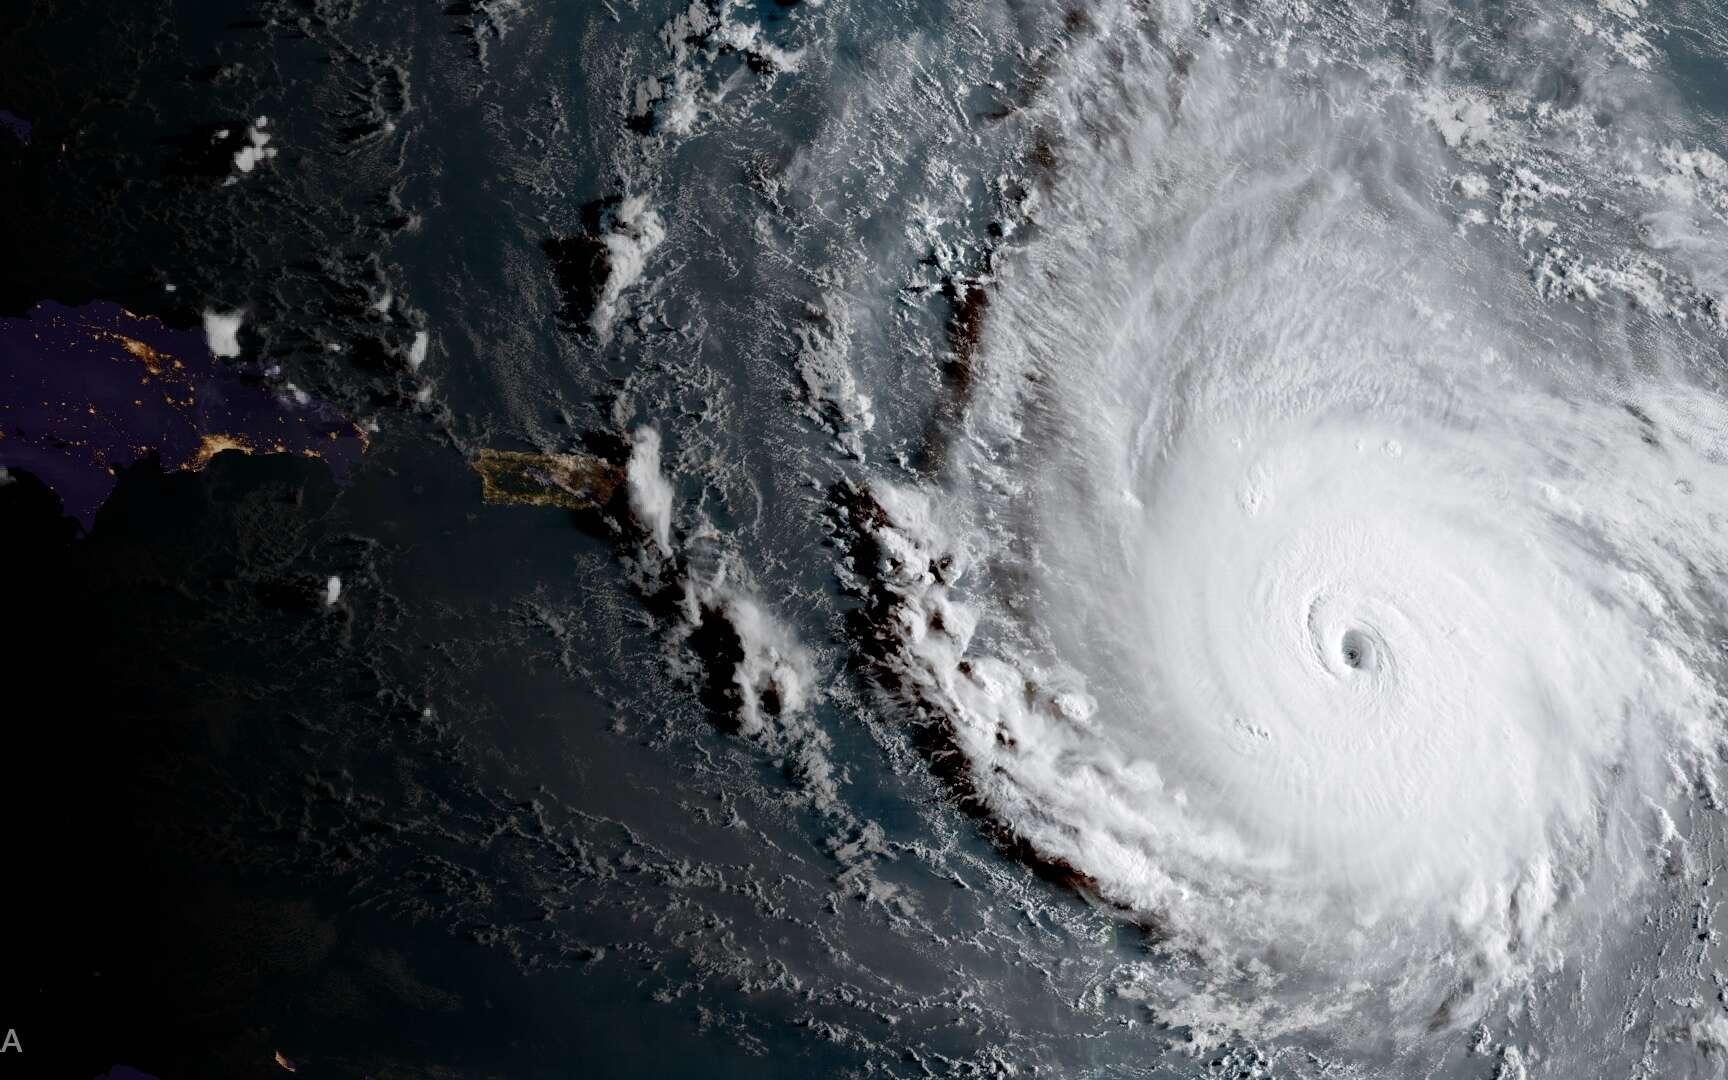 L'ouragan Irma, l'un des plus puissant jamais observé au-dessus de l'Atlantique, le 5 septembre 2017. © NOAA